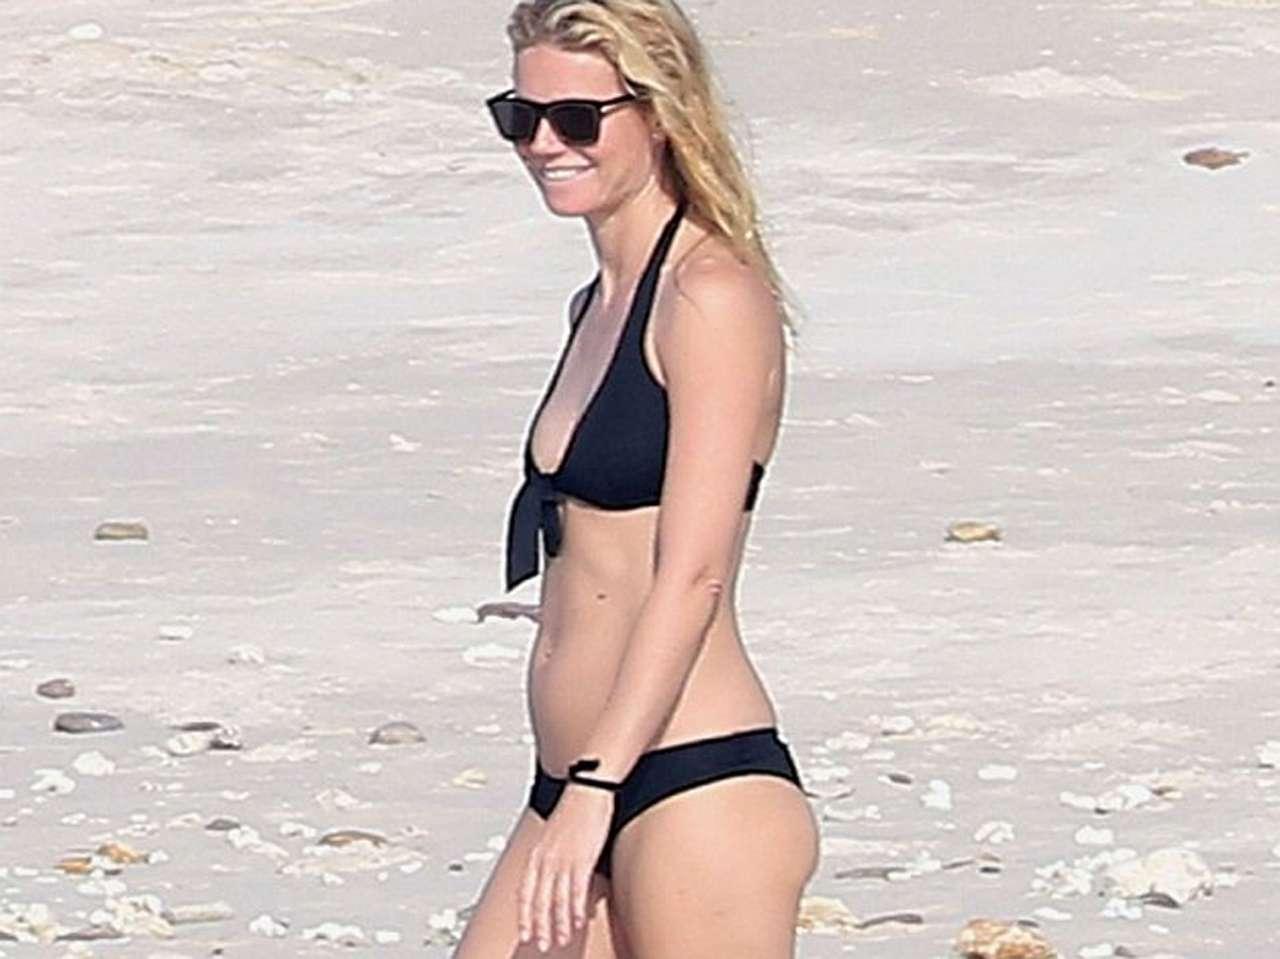 Gwyneth Paltrow presume cuerpazo de verano apenas iniciando el año Foto: Daily Mail